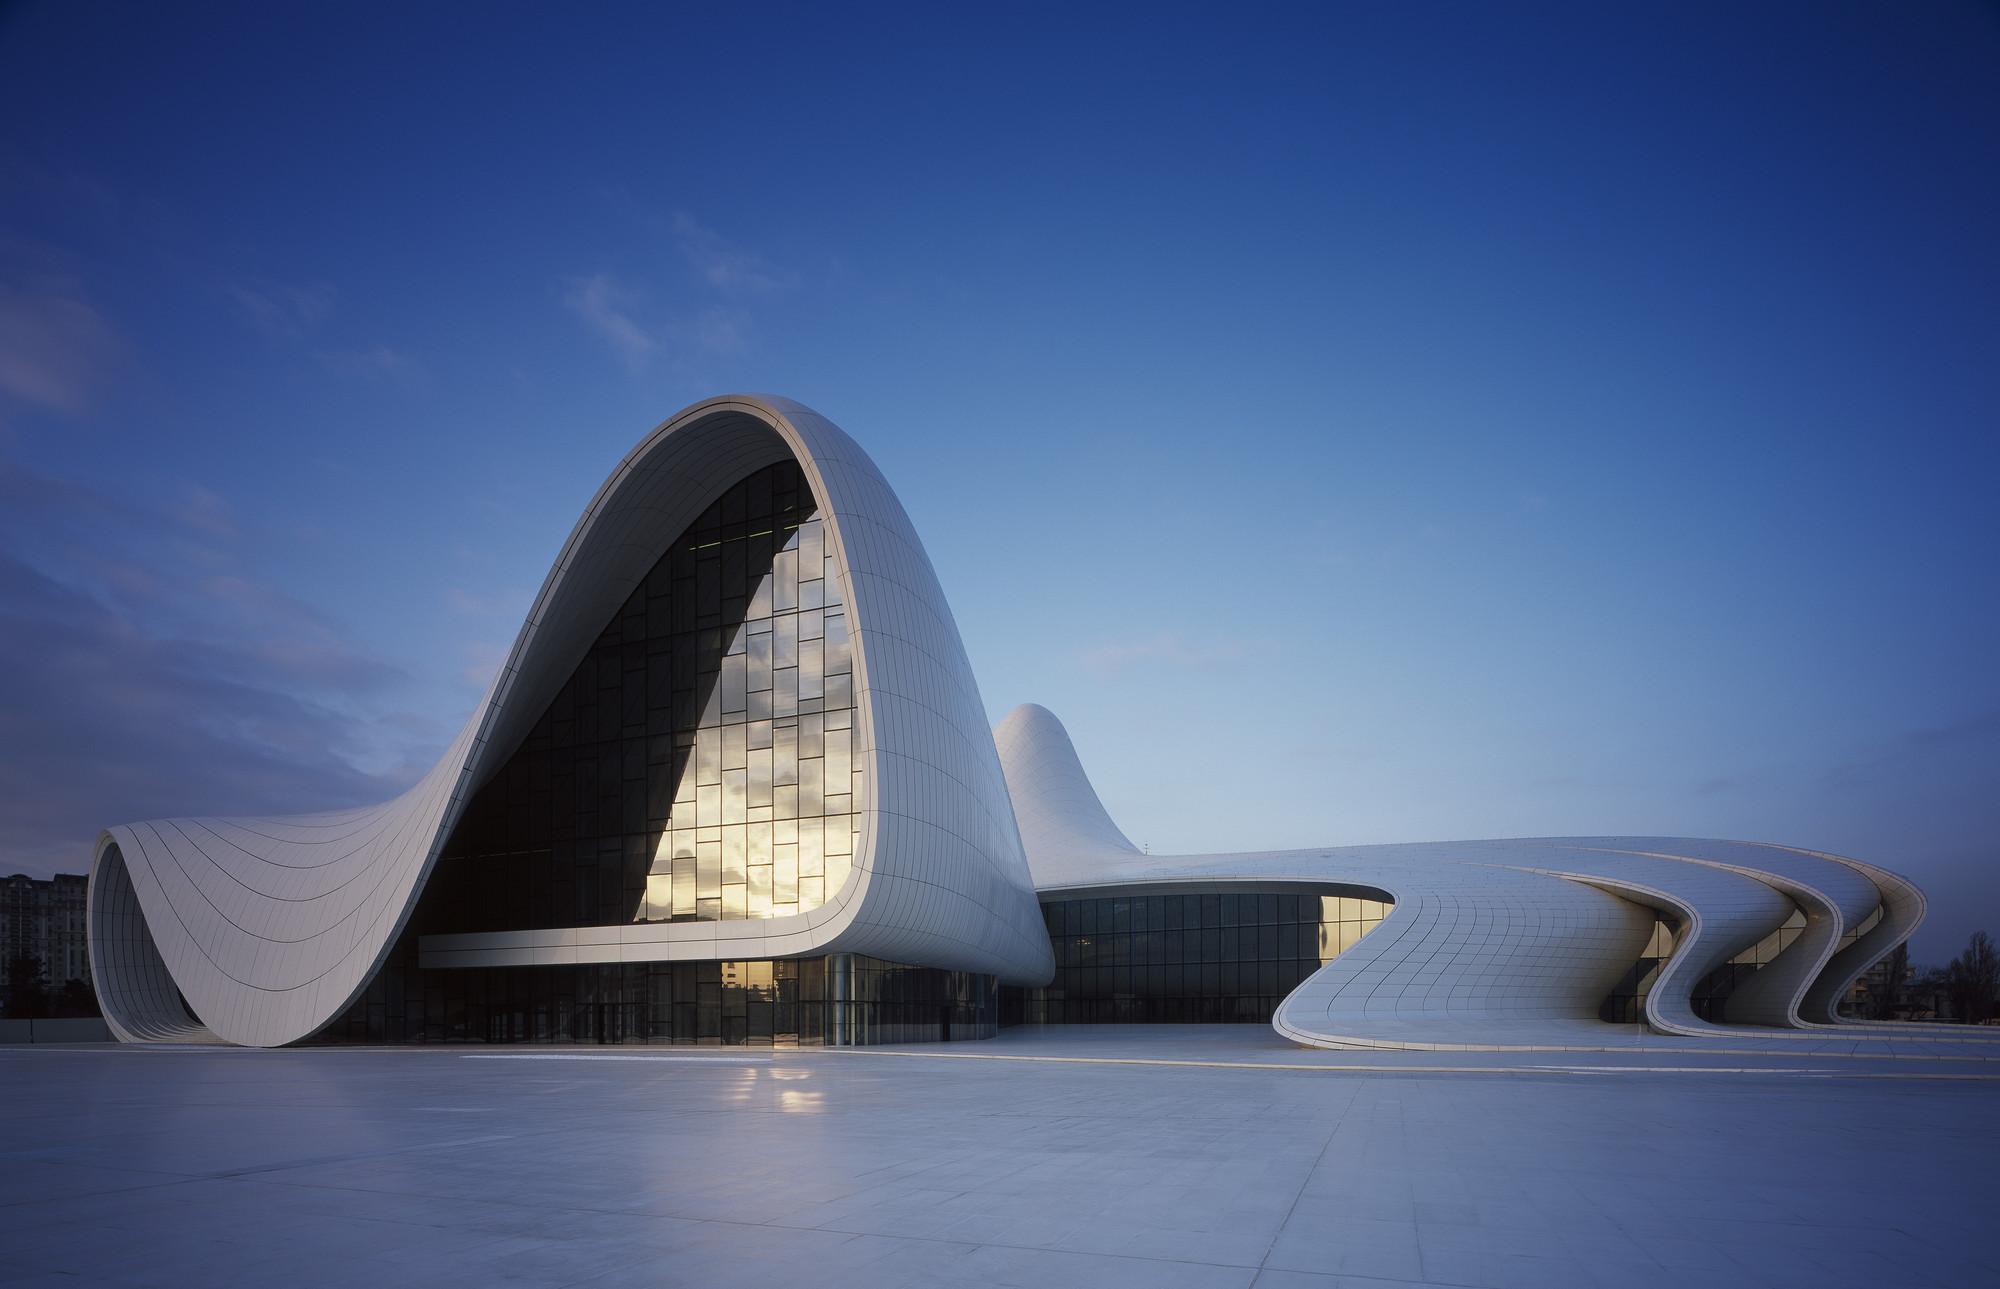 trabajo del ícono de la arquitectura Zaha Hadid 10